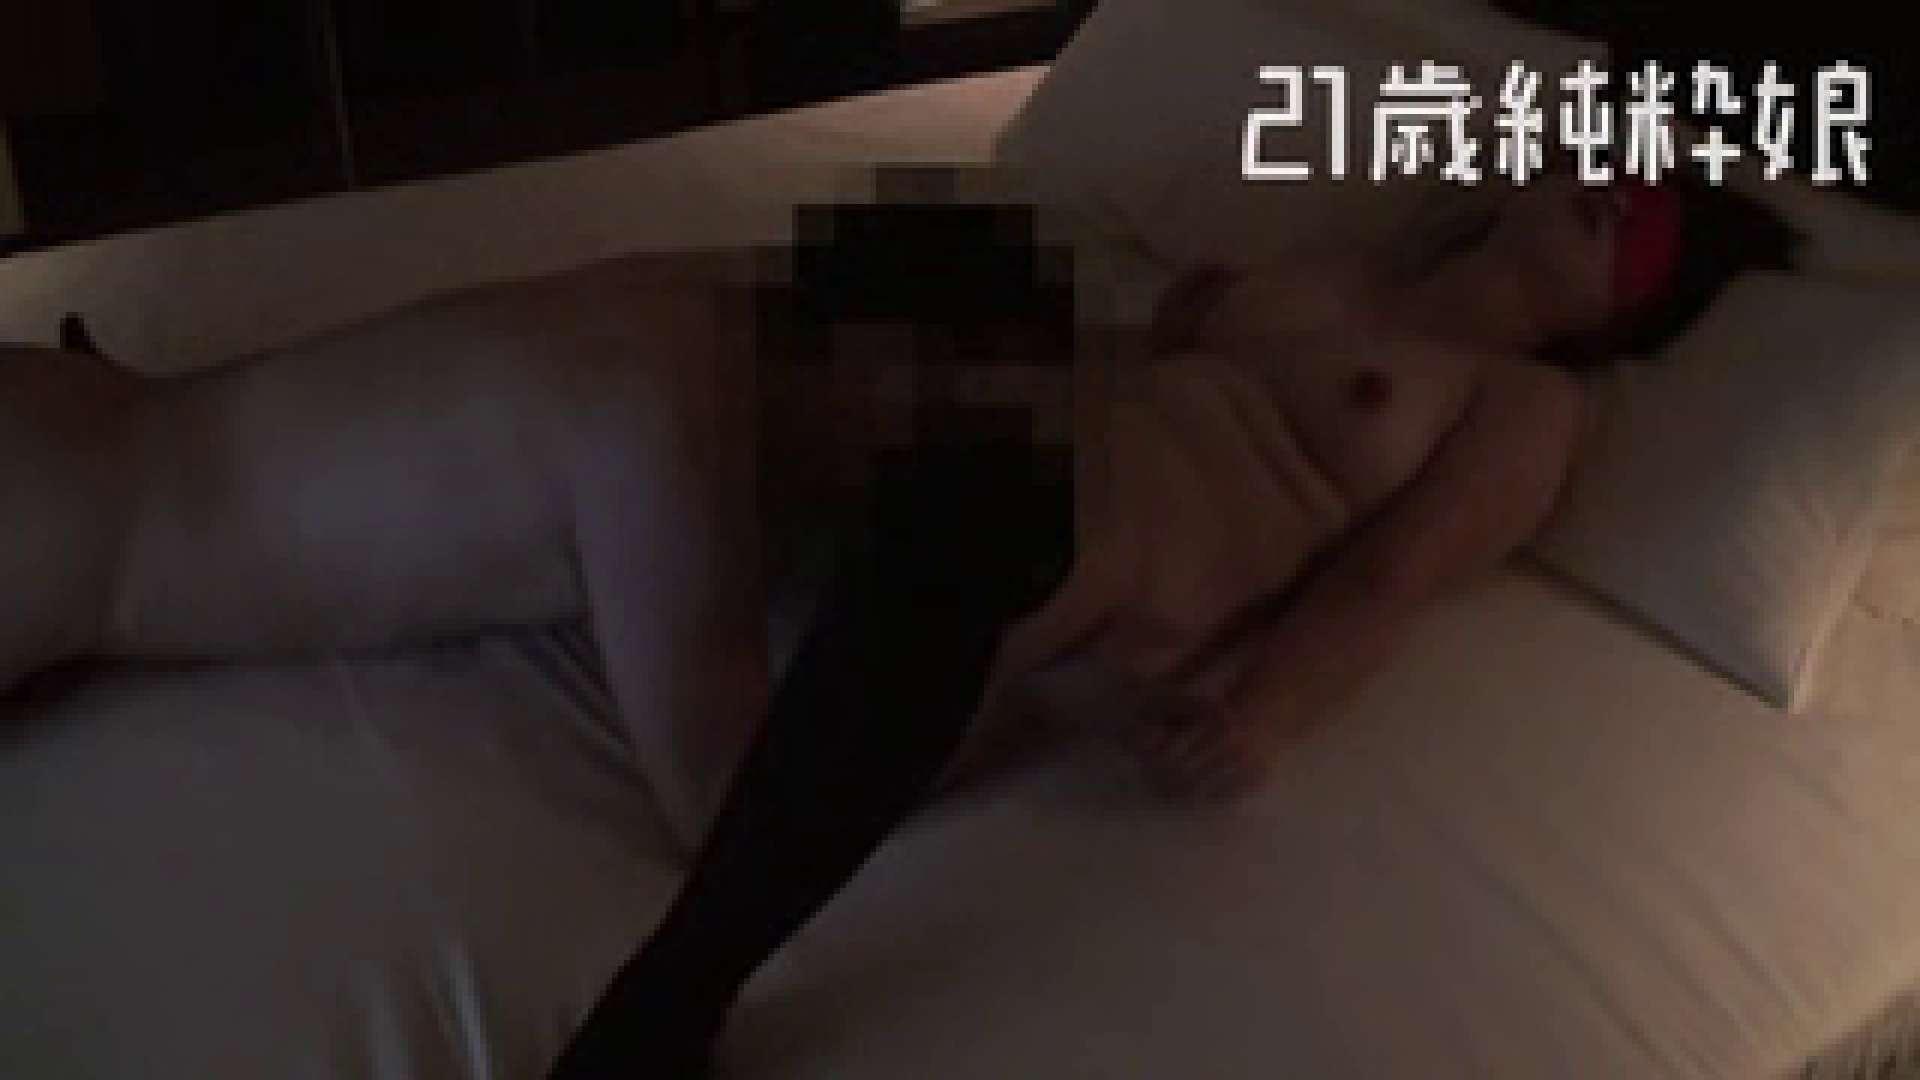 上京したばかりのGカップ21歳純粋嬢を都合の良い女にしてみた4 お姉さんのおっぱい ワレメ動画紹介 89枚 68